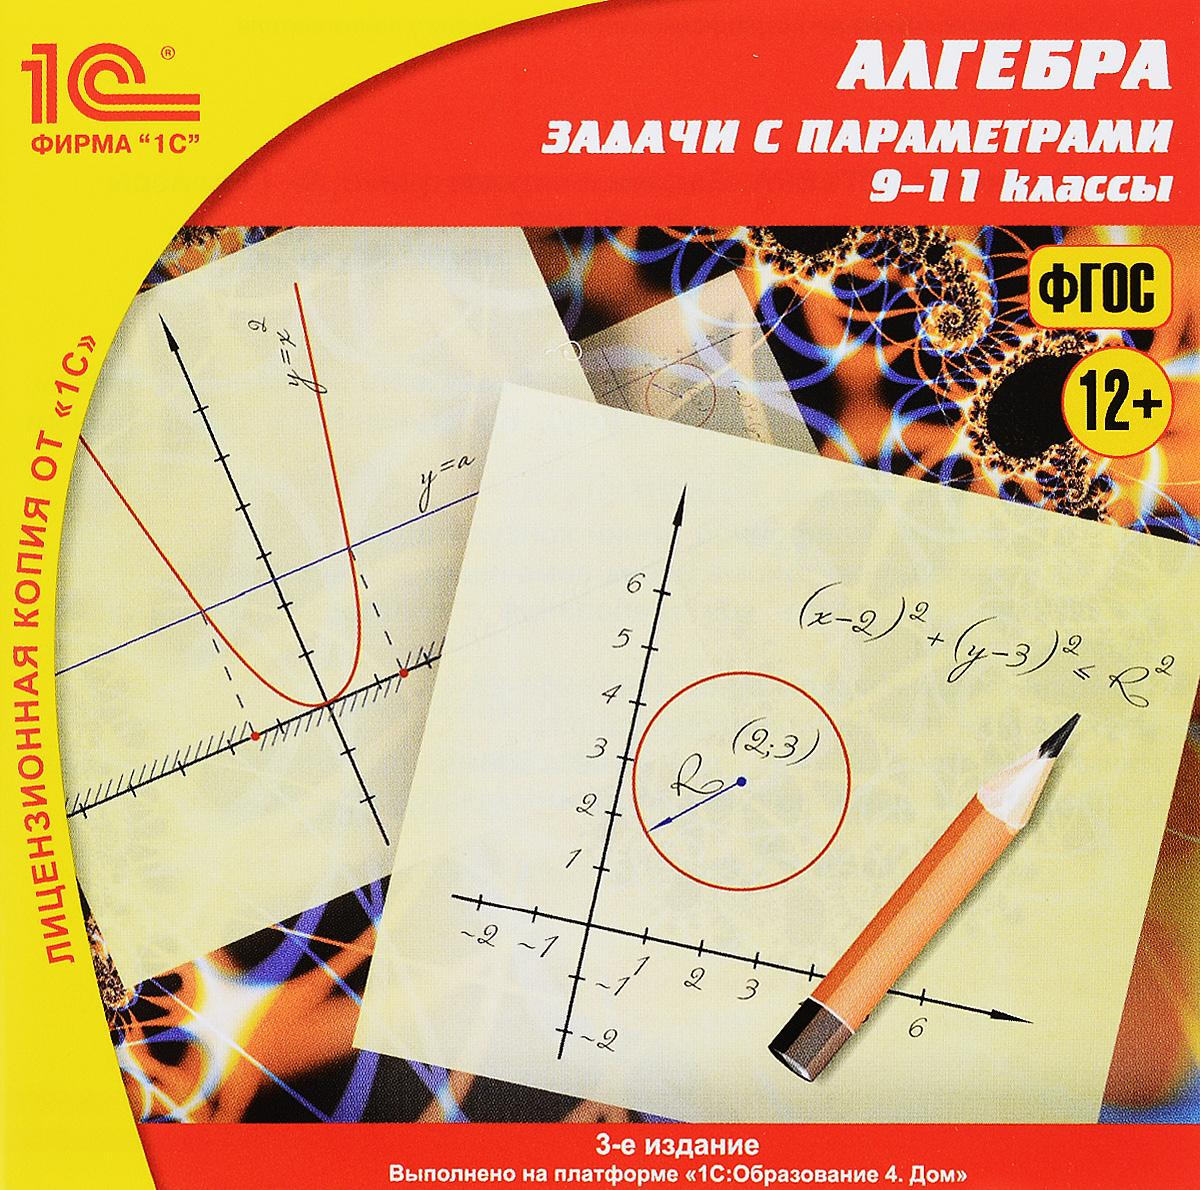 1С:Школа. Алгебра. Задачи с параметрами 9-11 классы (3 издание) балаян э 800 лучших олимпиадных задач по математике для подготовки к егэ 9 11 классы